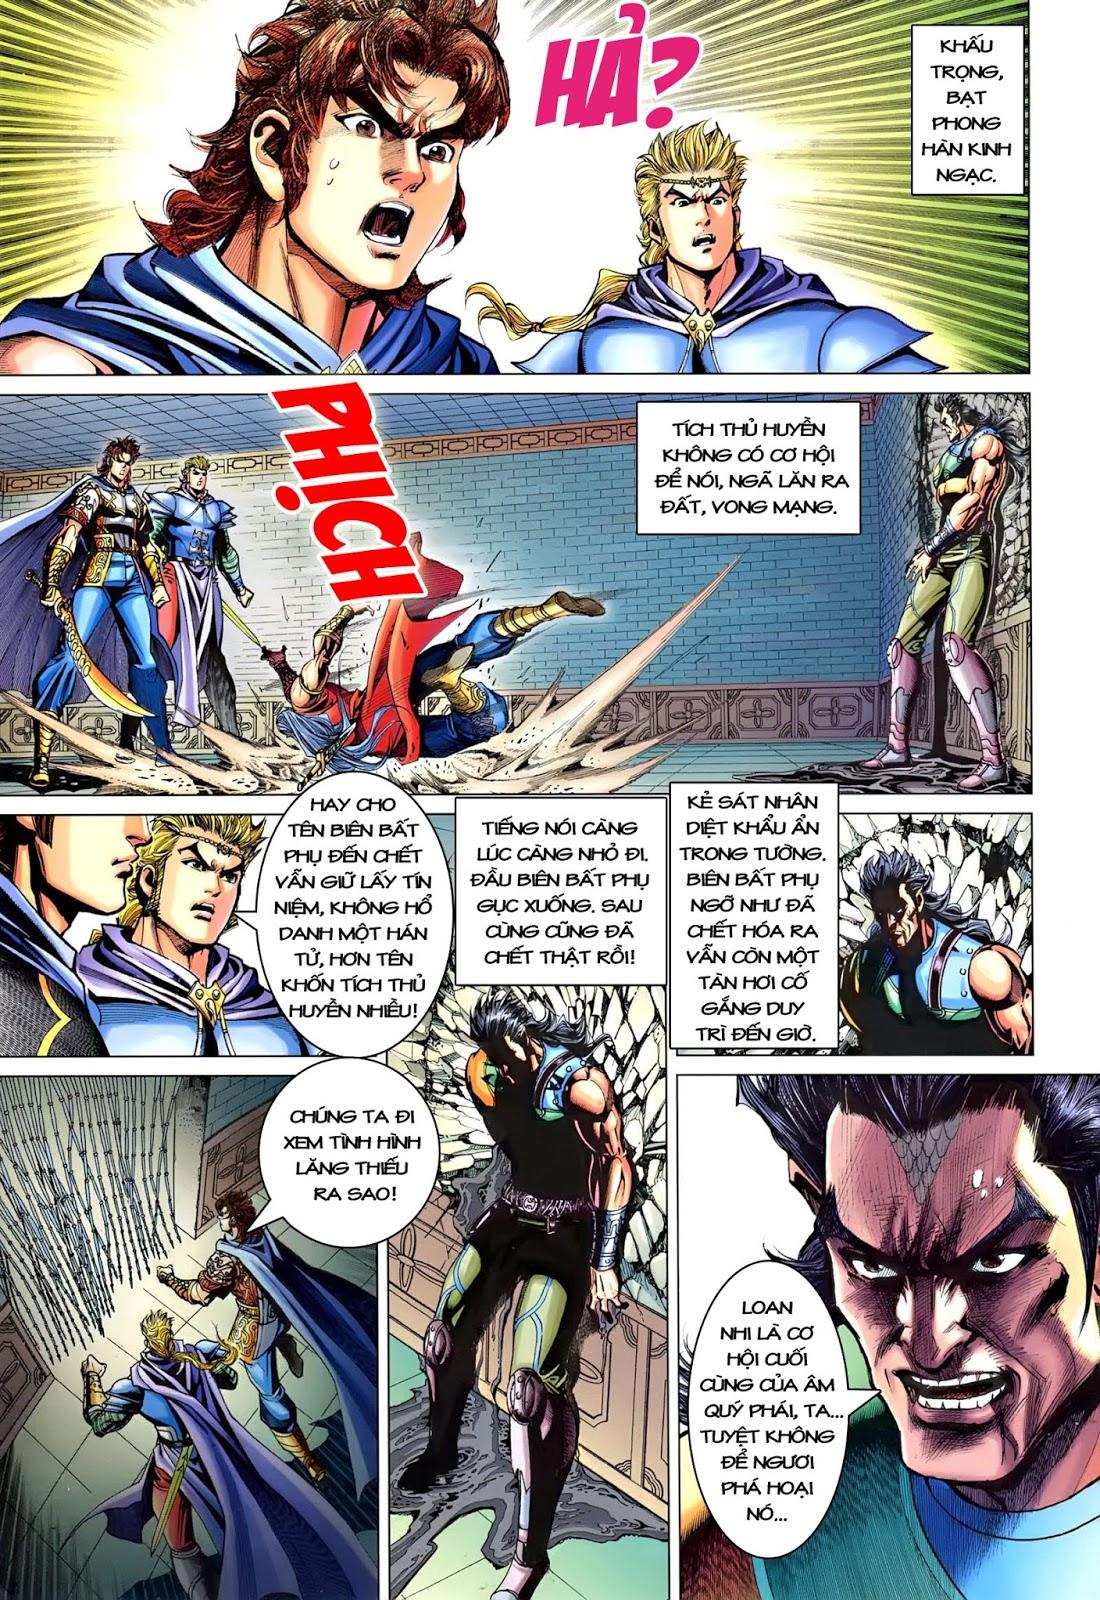 Đại Đường Song Long Truyện chap 218 - Trang 25